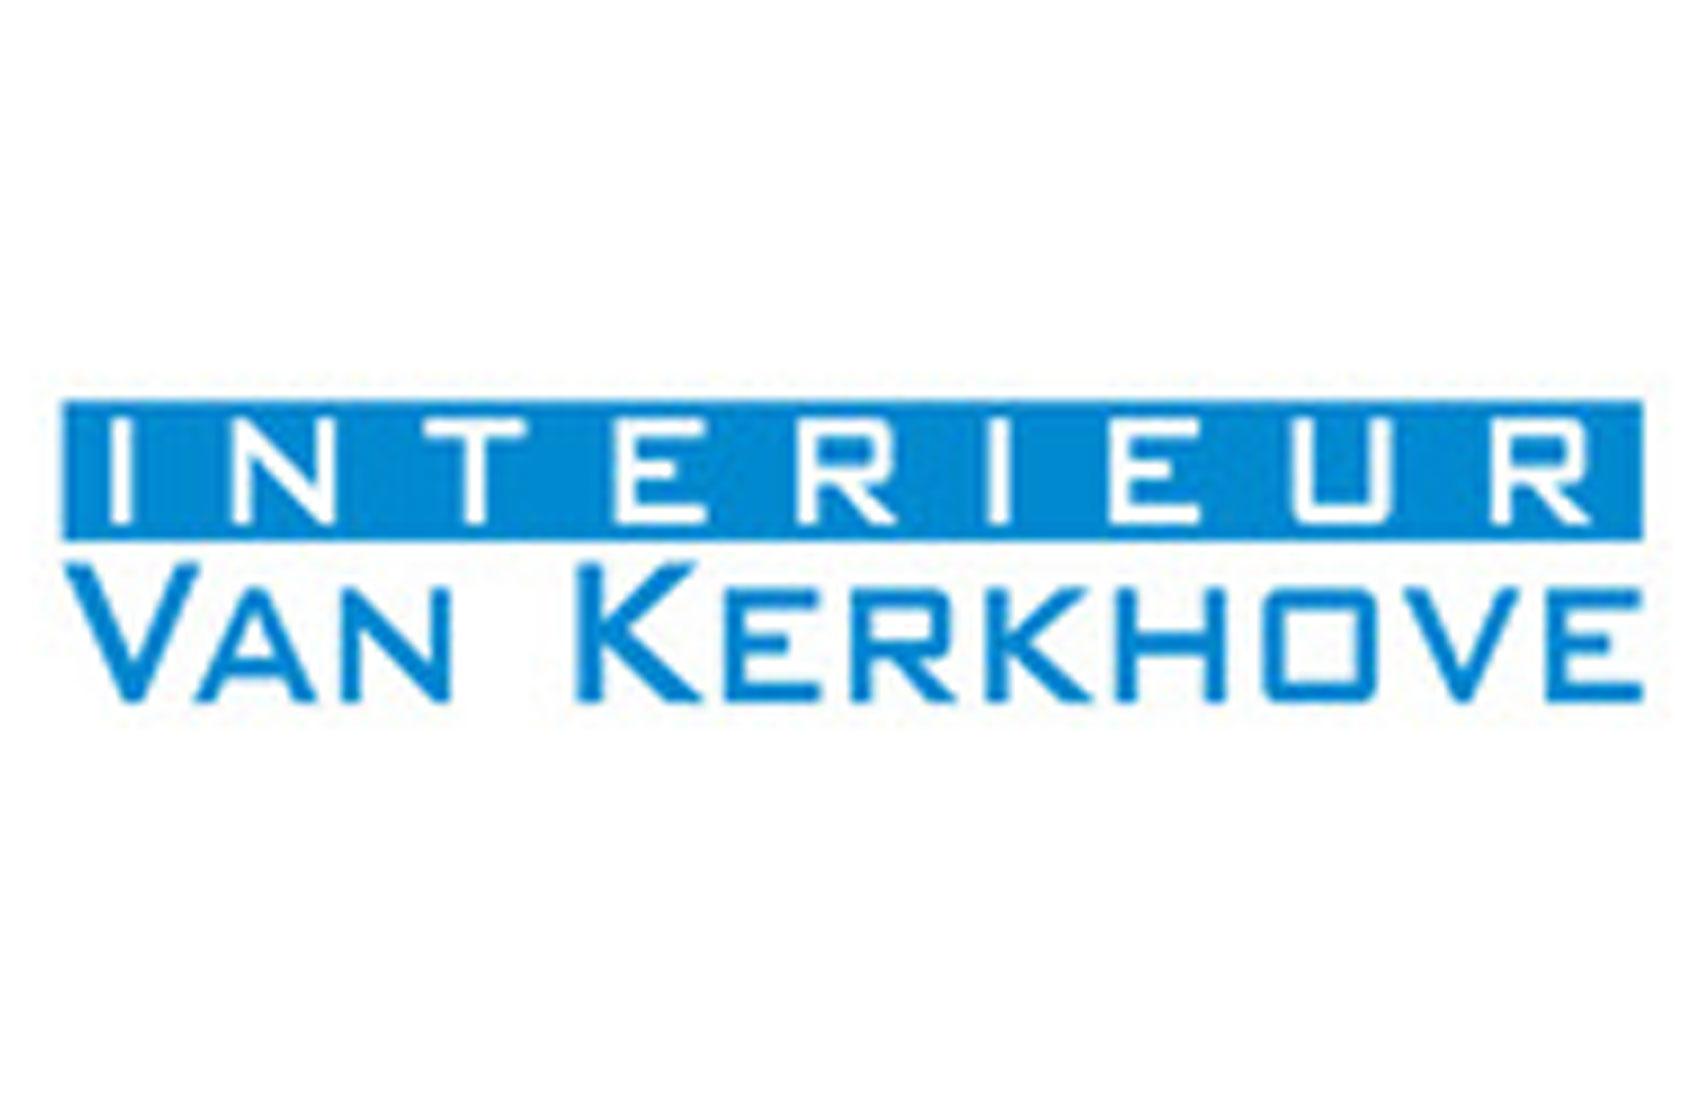 Interieur Van Kerkhove